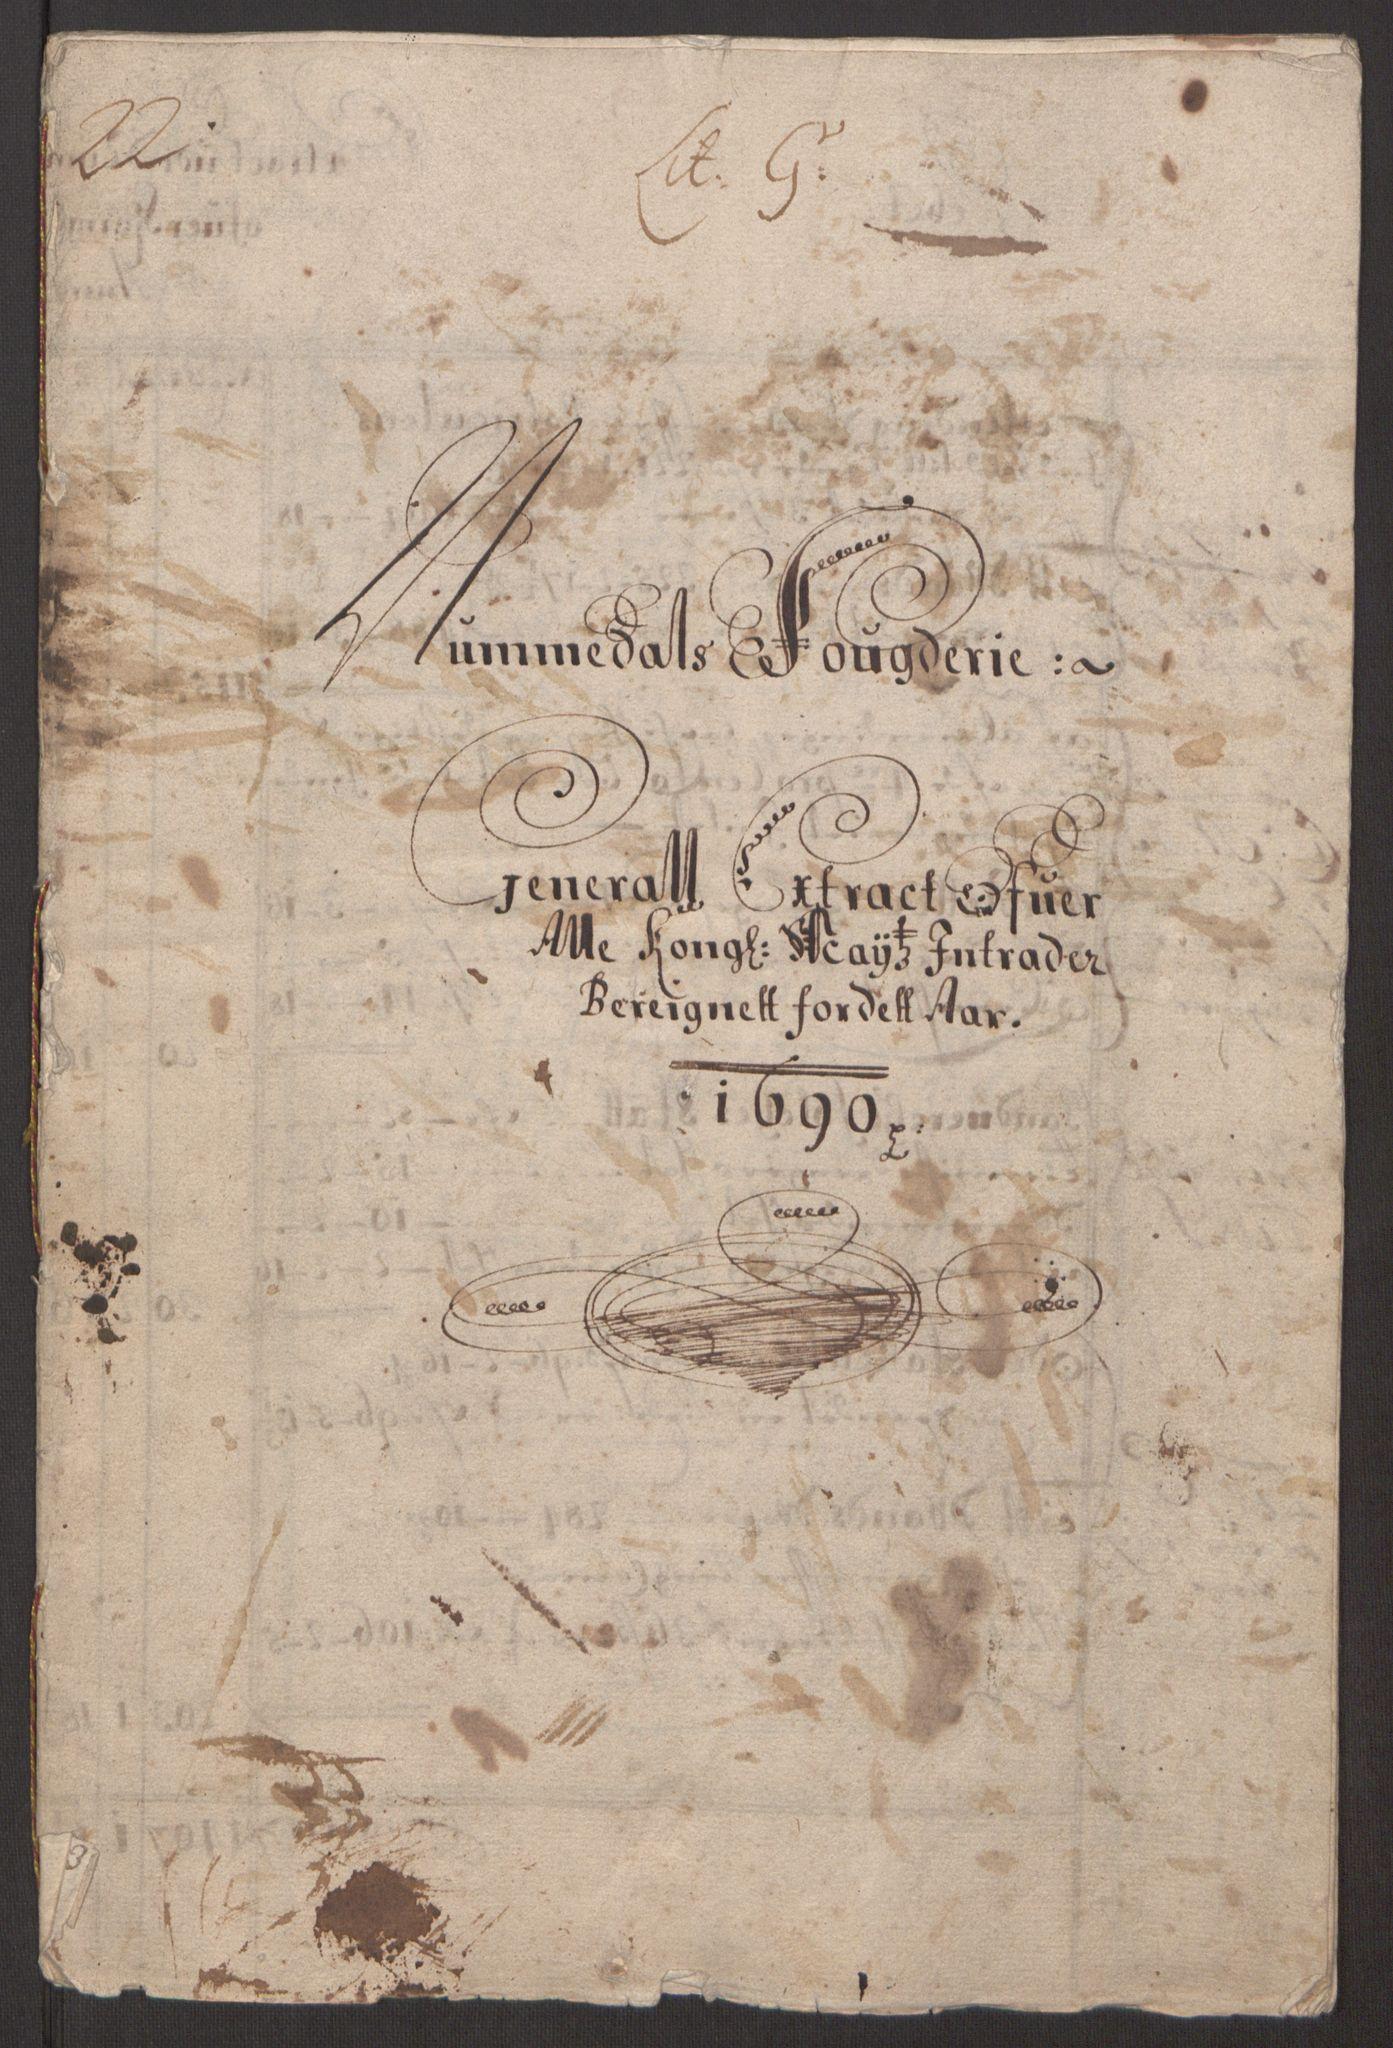 RA, Rentekammeret inntil 1814, Reviderte regnskaper, Fogderegnskap, R64/L4423: Fogderegnskap Namdal, 1690-1691, s. 3